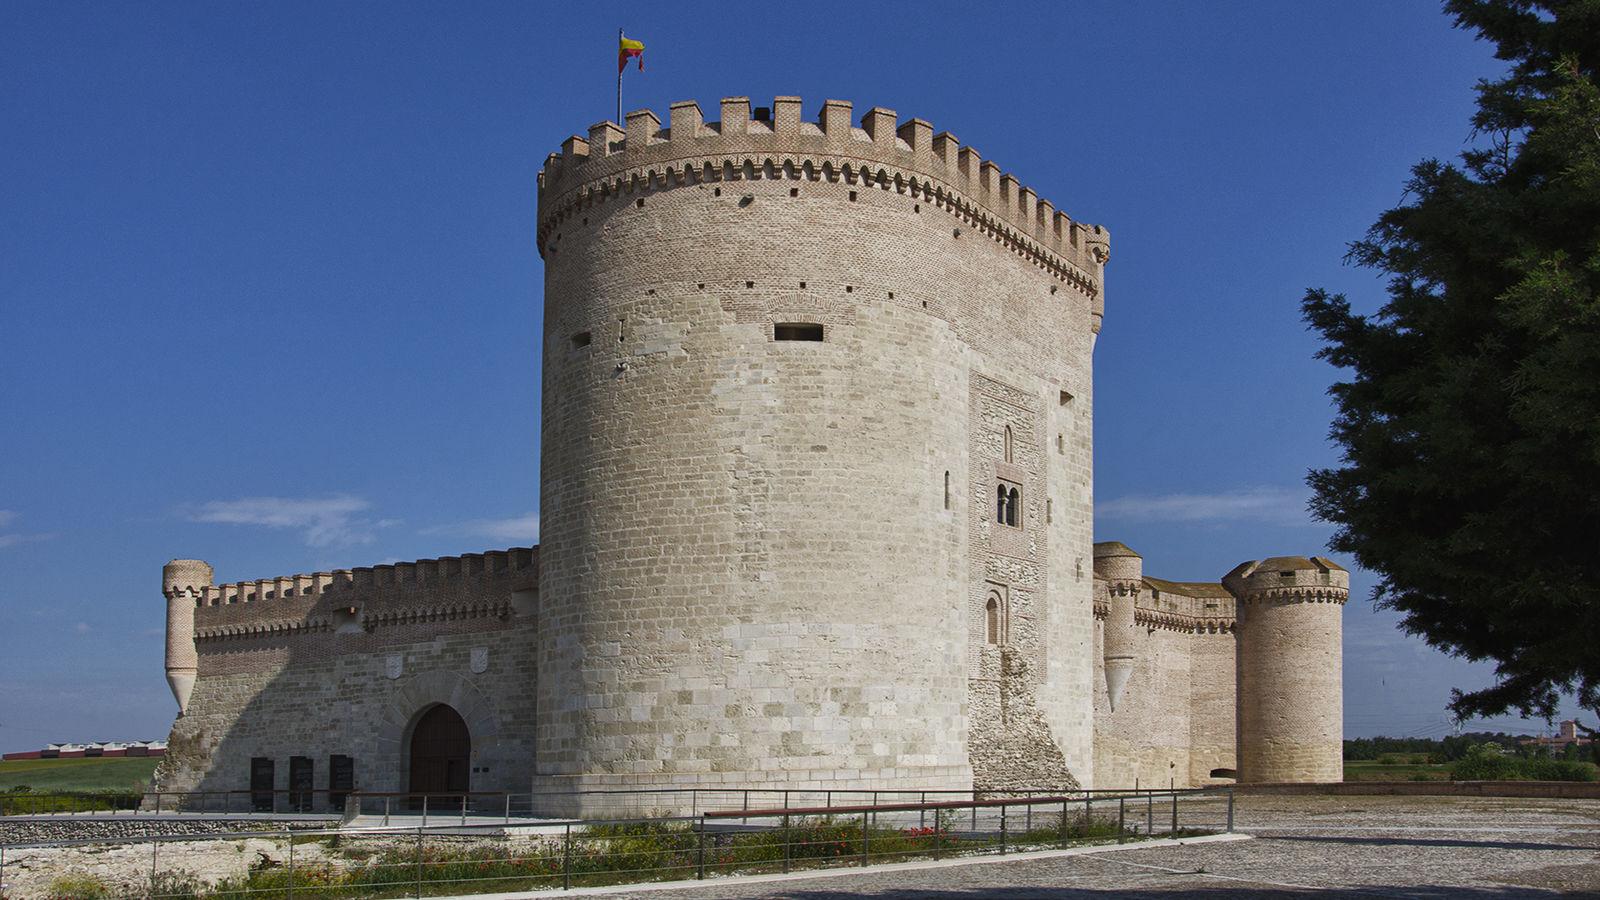 Architecture Arevalo Avila Castillo De Arevalo Castle History Tourism